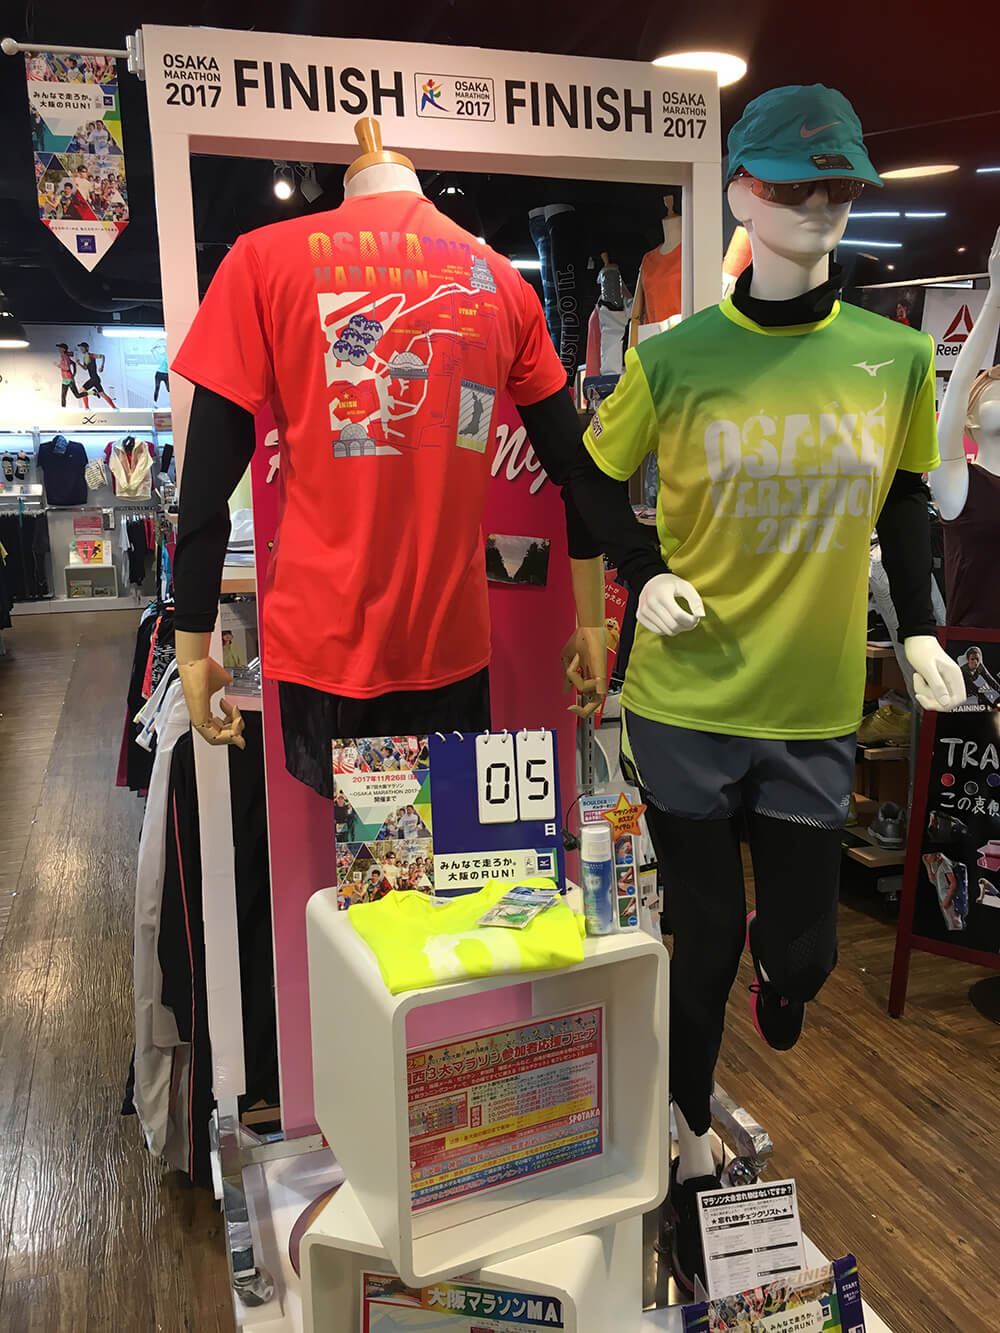 大阪マラソンまであとわずか!!大阪マラソン参加者応援キャンペーン開催中☆